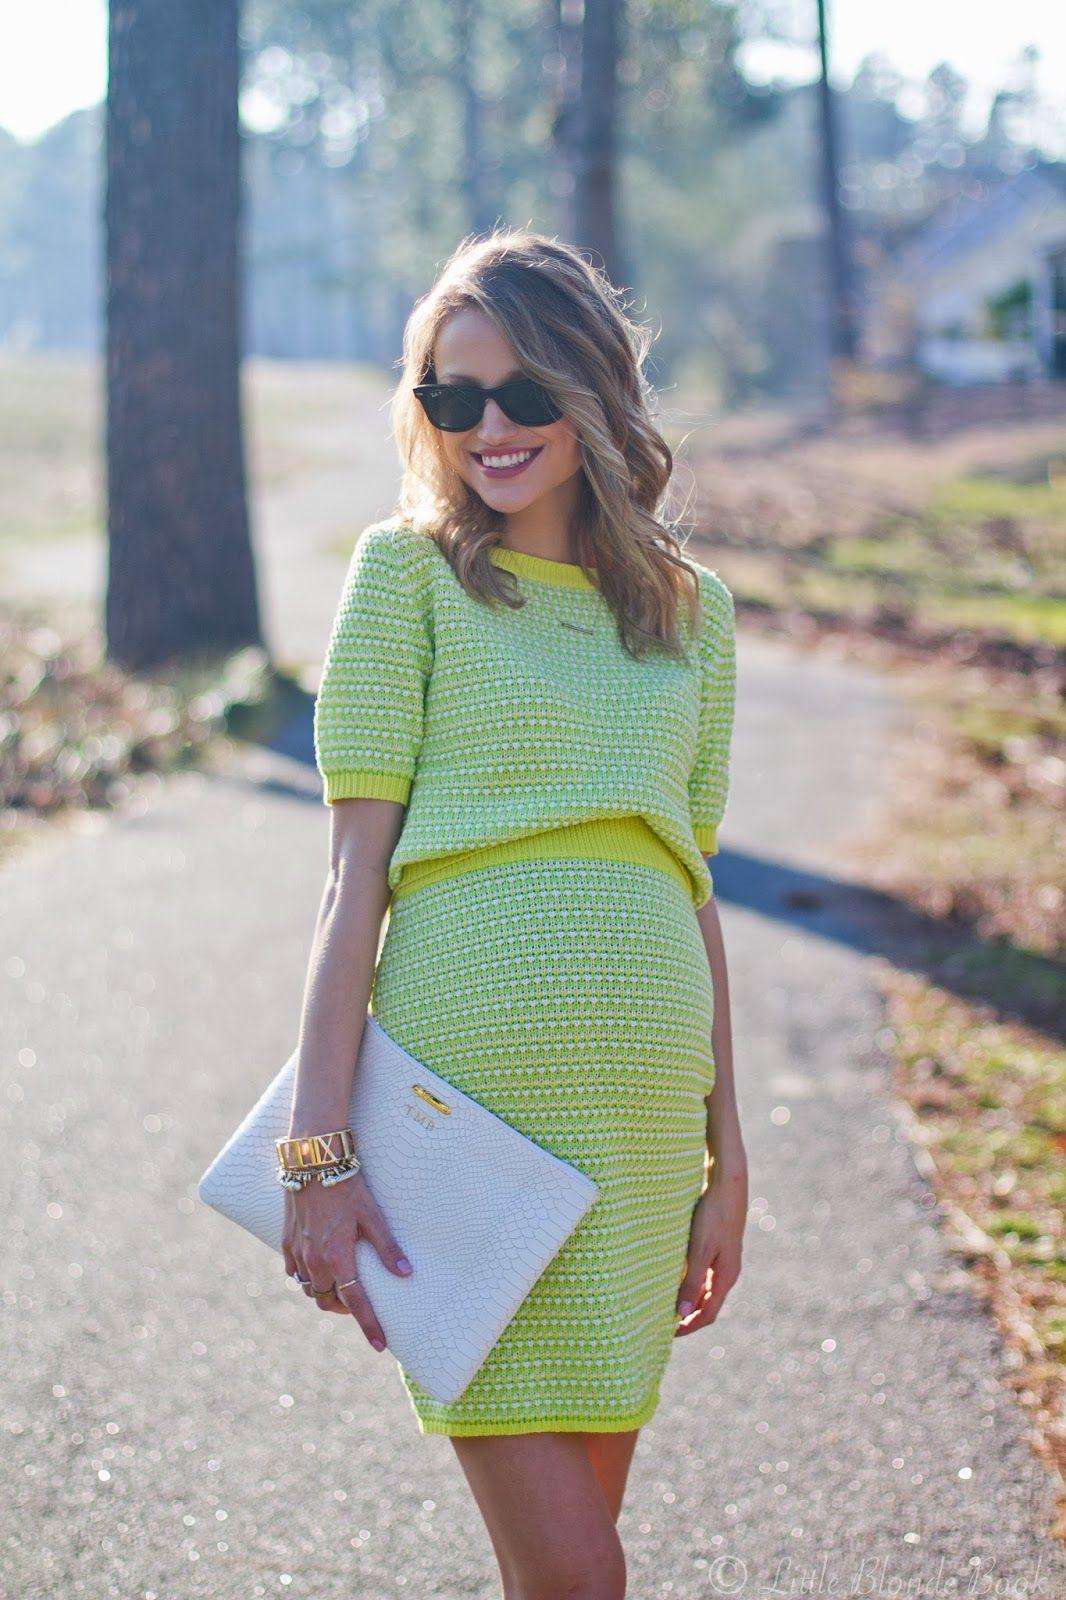 6bb3283f00b8 Moderné módne kolekcie pre tehotné ženy sa usilujú uspokojiť požiadavky  módnych šiat a ponúkajú štýlové a pohodlné oblečenie